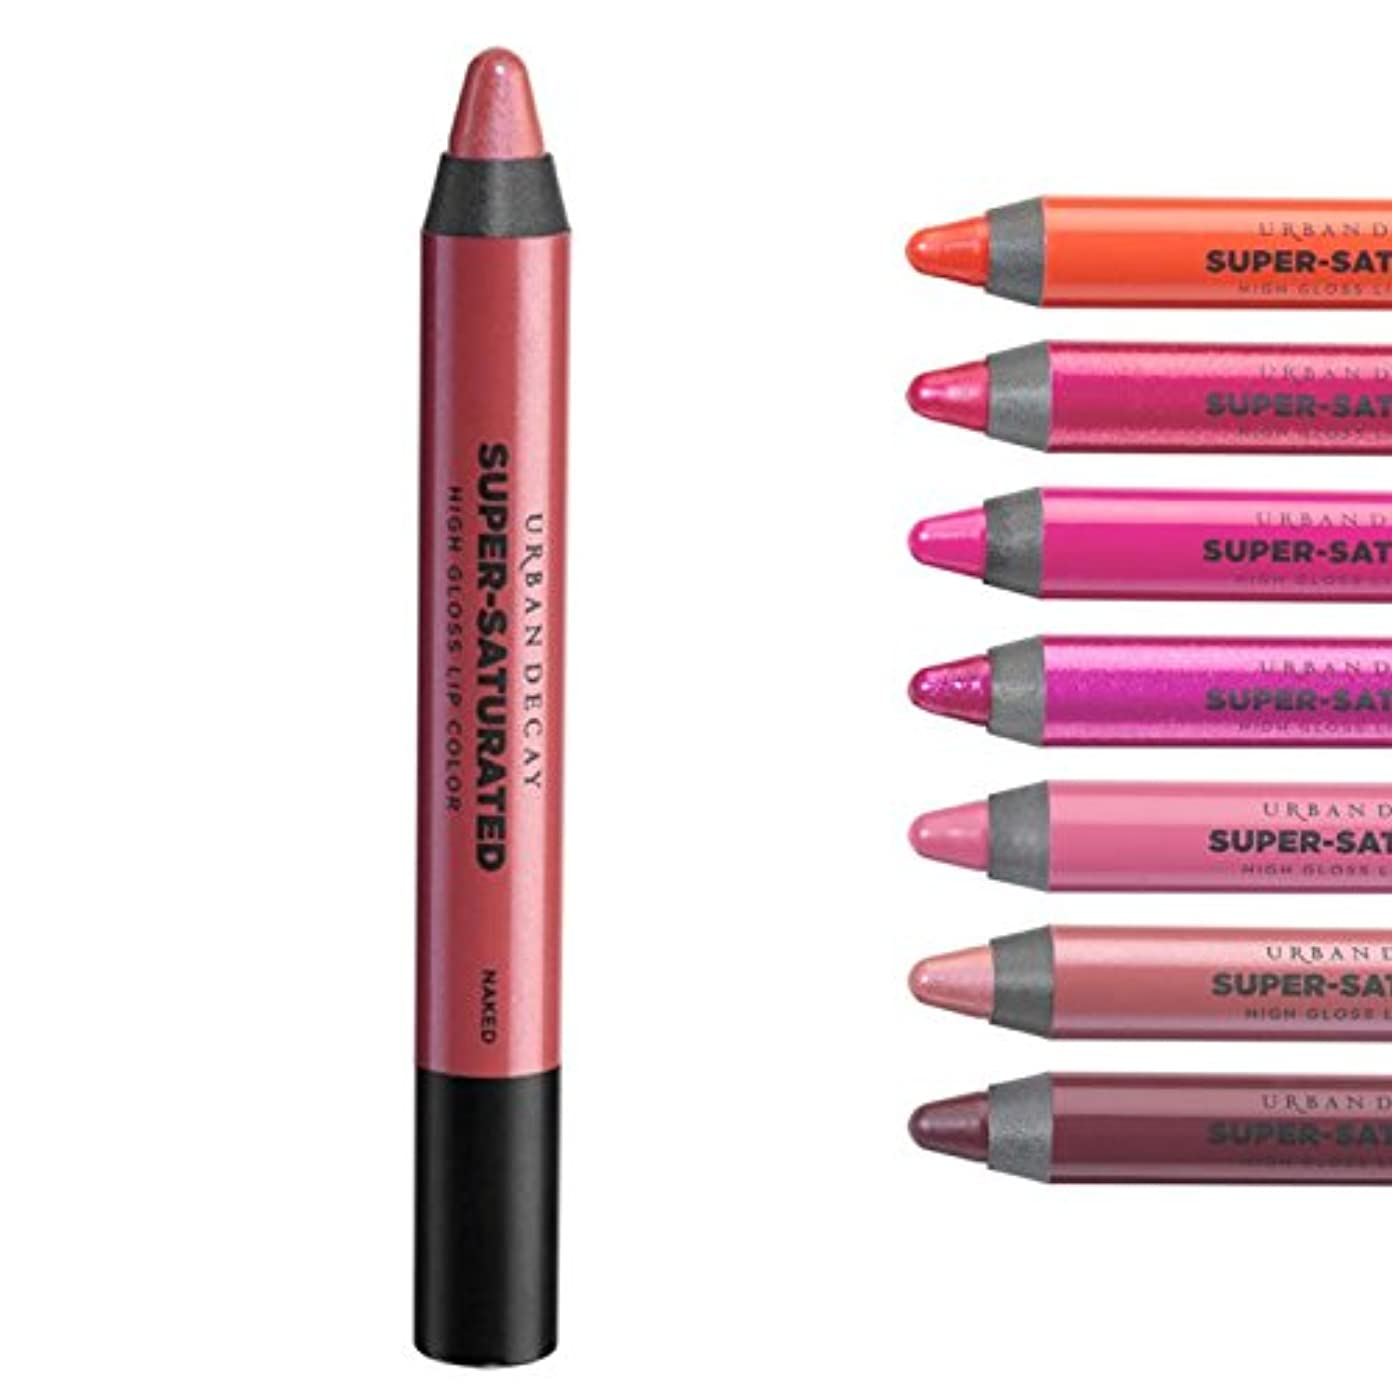 トリプルトランジスタクレジットUrban Decay, Super-Saturated High Glossリップカラー... Naked - nude pink sheen  [海外直送品] [並行輸入品]